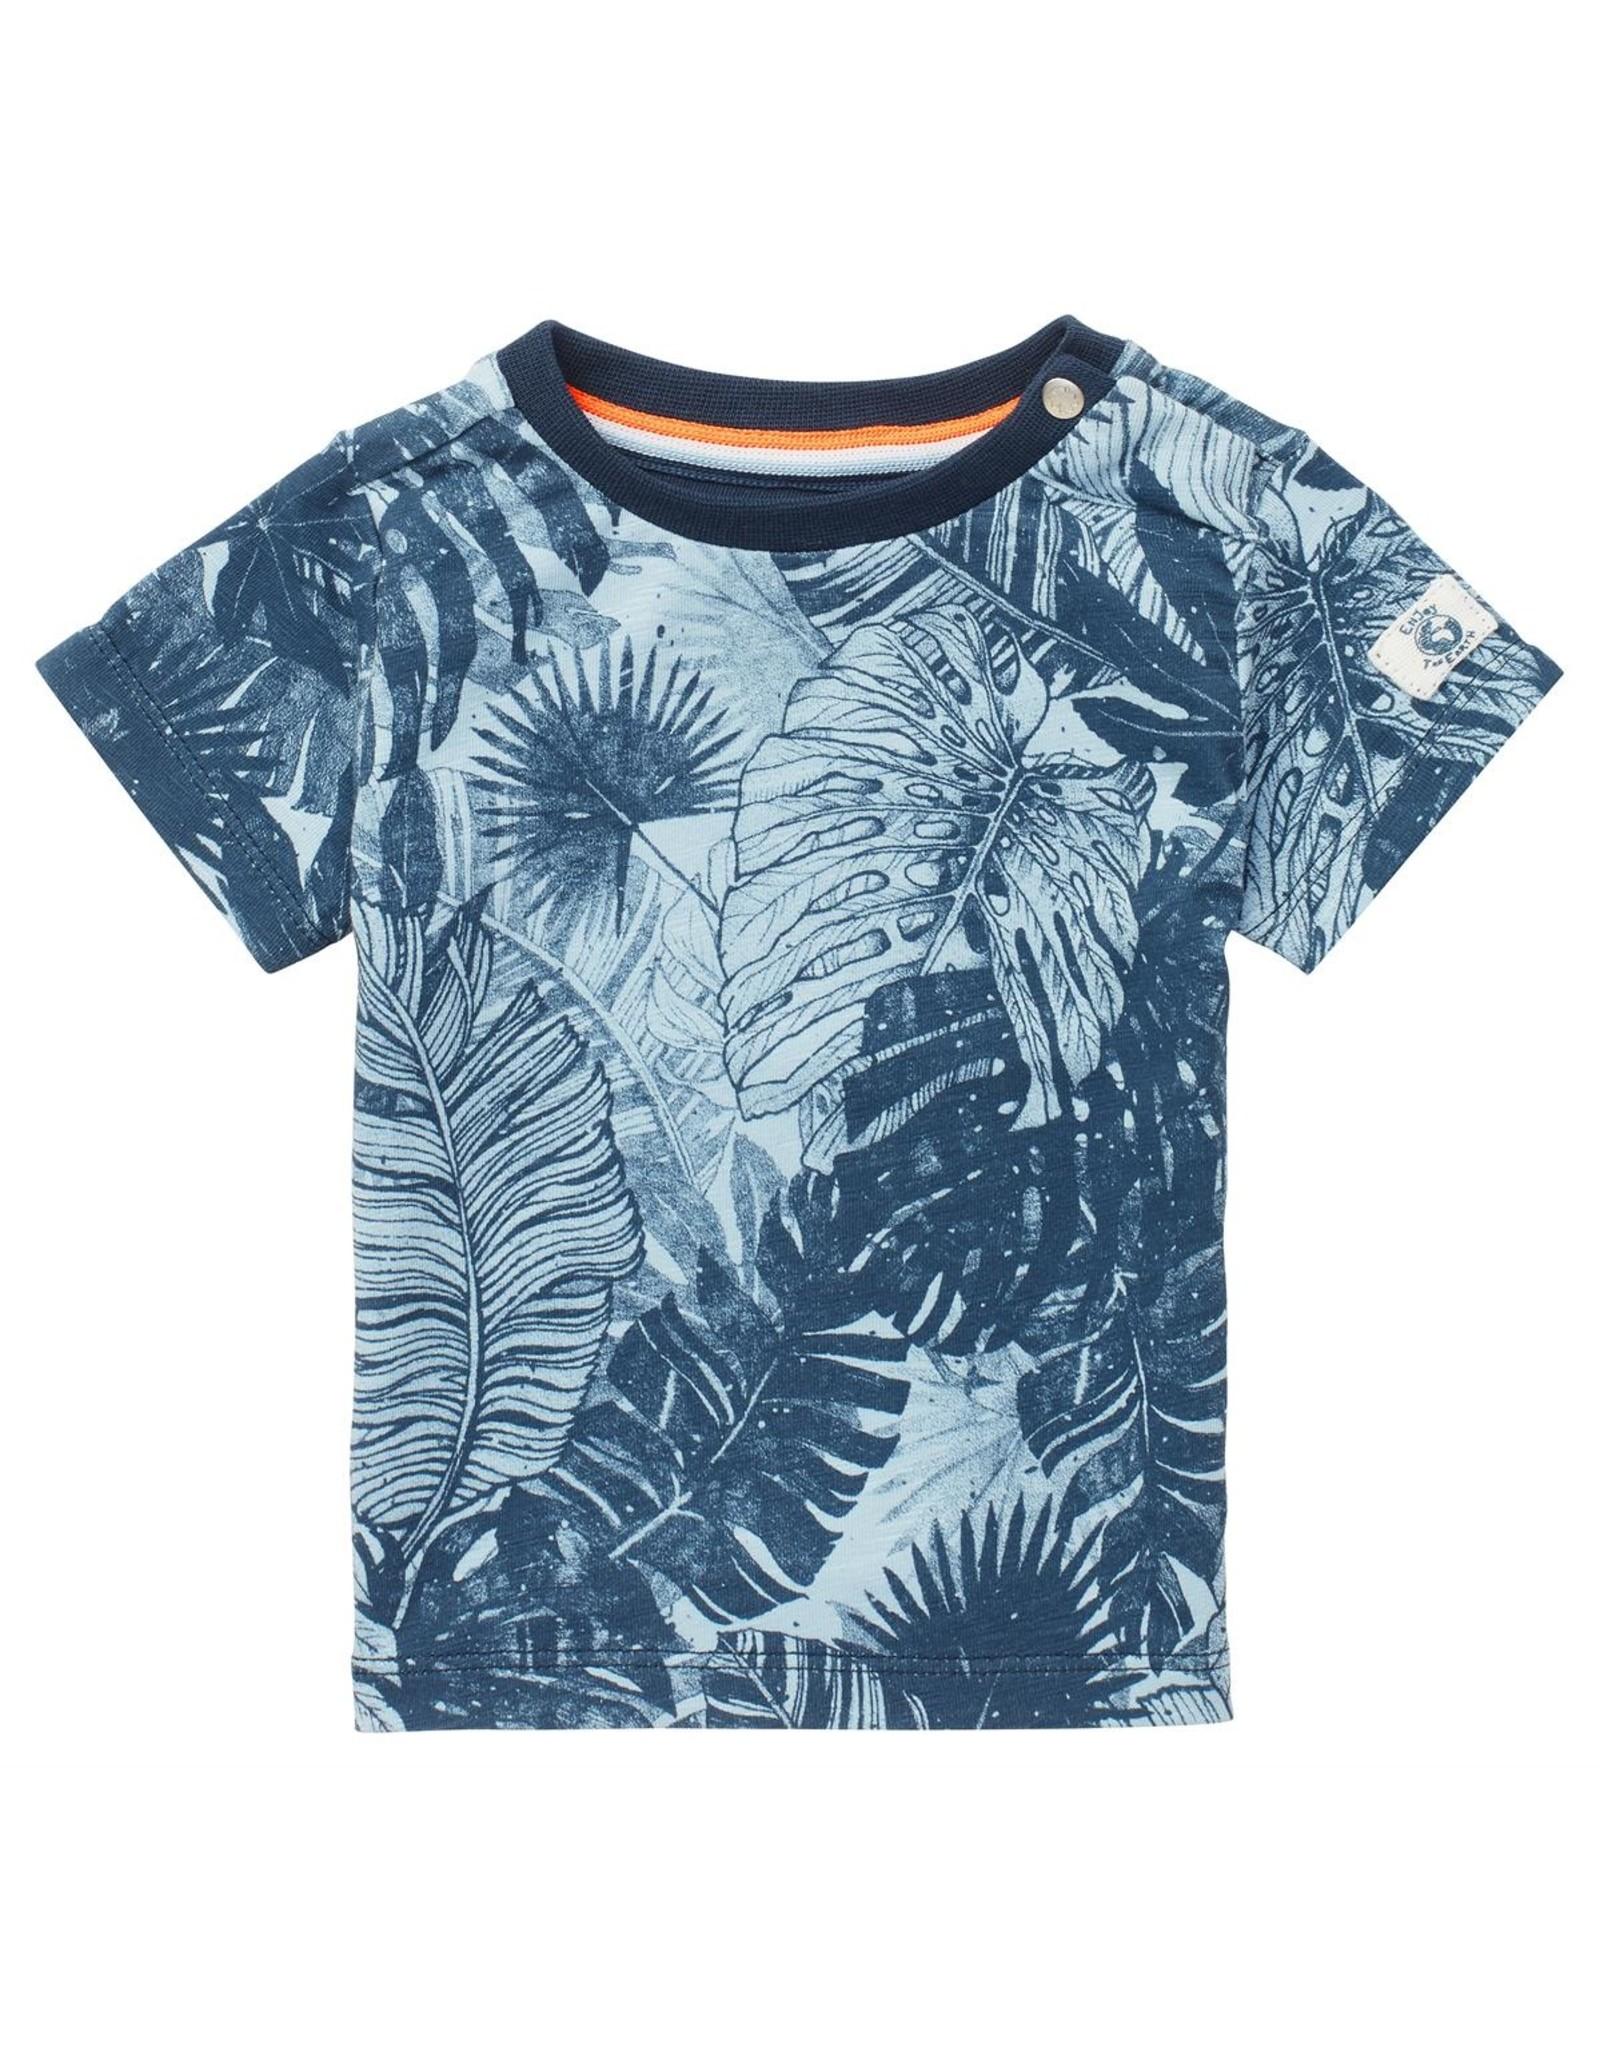 Noppies B T-shirt SS Tonden